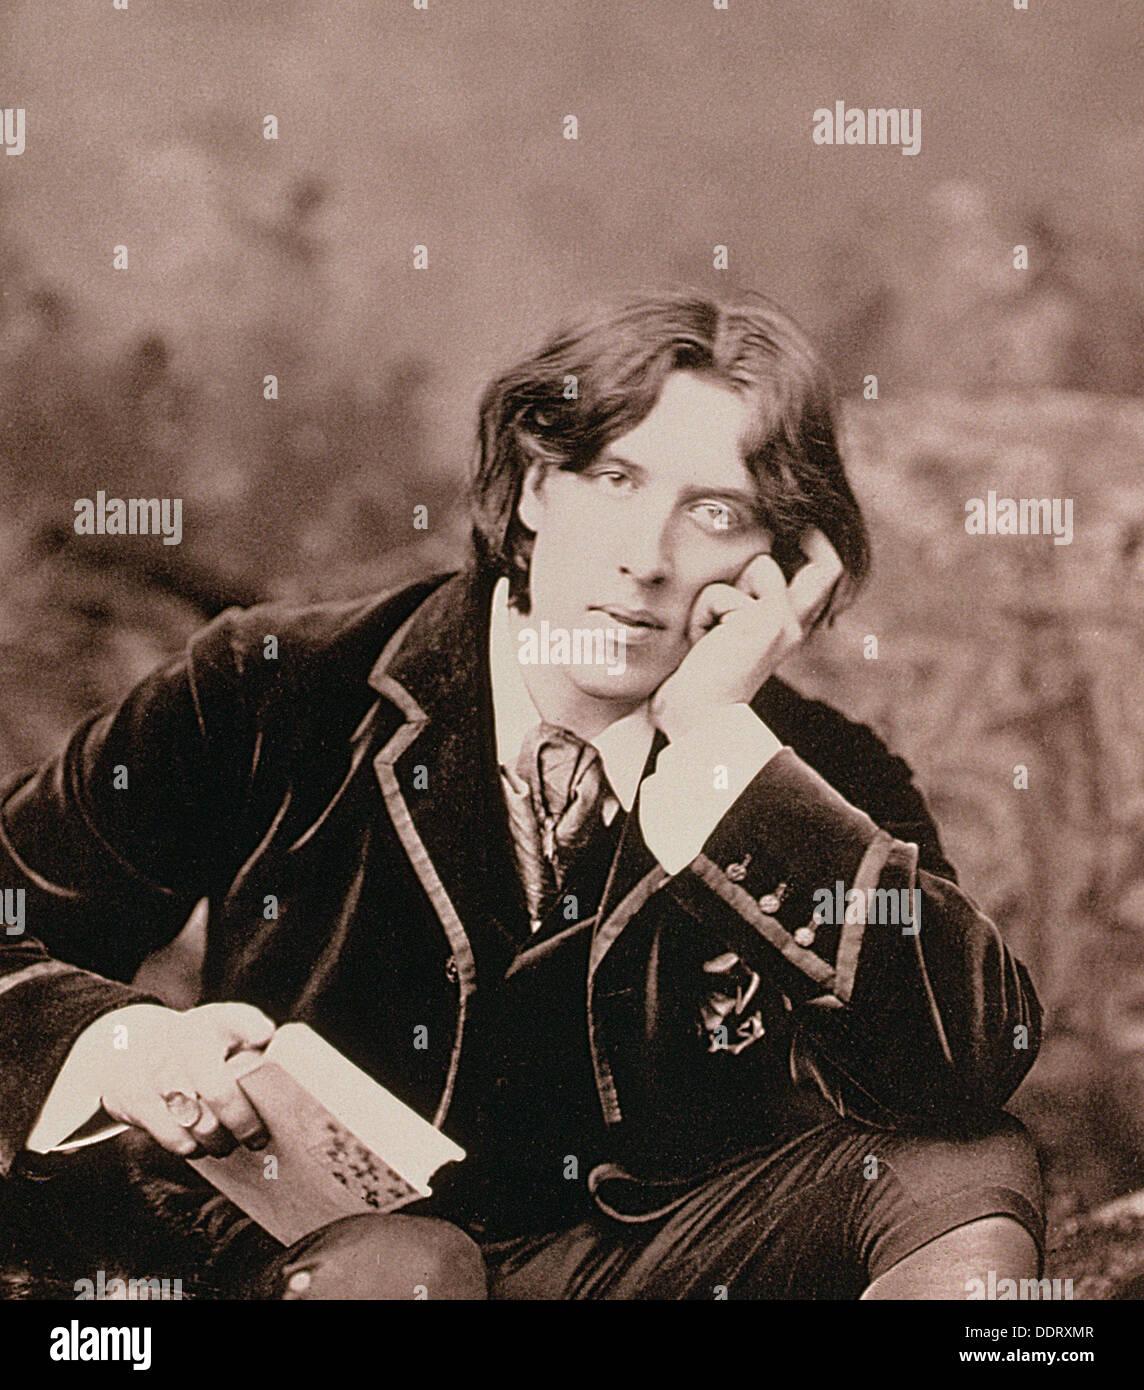 Oscar Wilde, dramaturgo irlandés nacido e ingenio, 1882. Artista: Desconocido Imagen De Stock